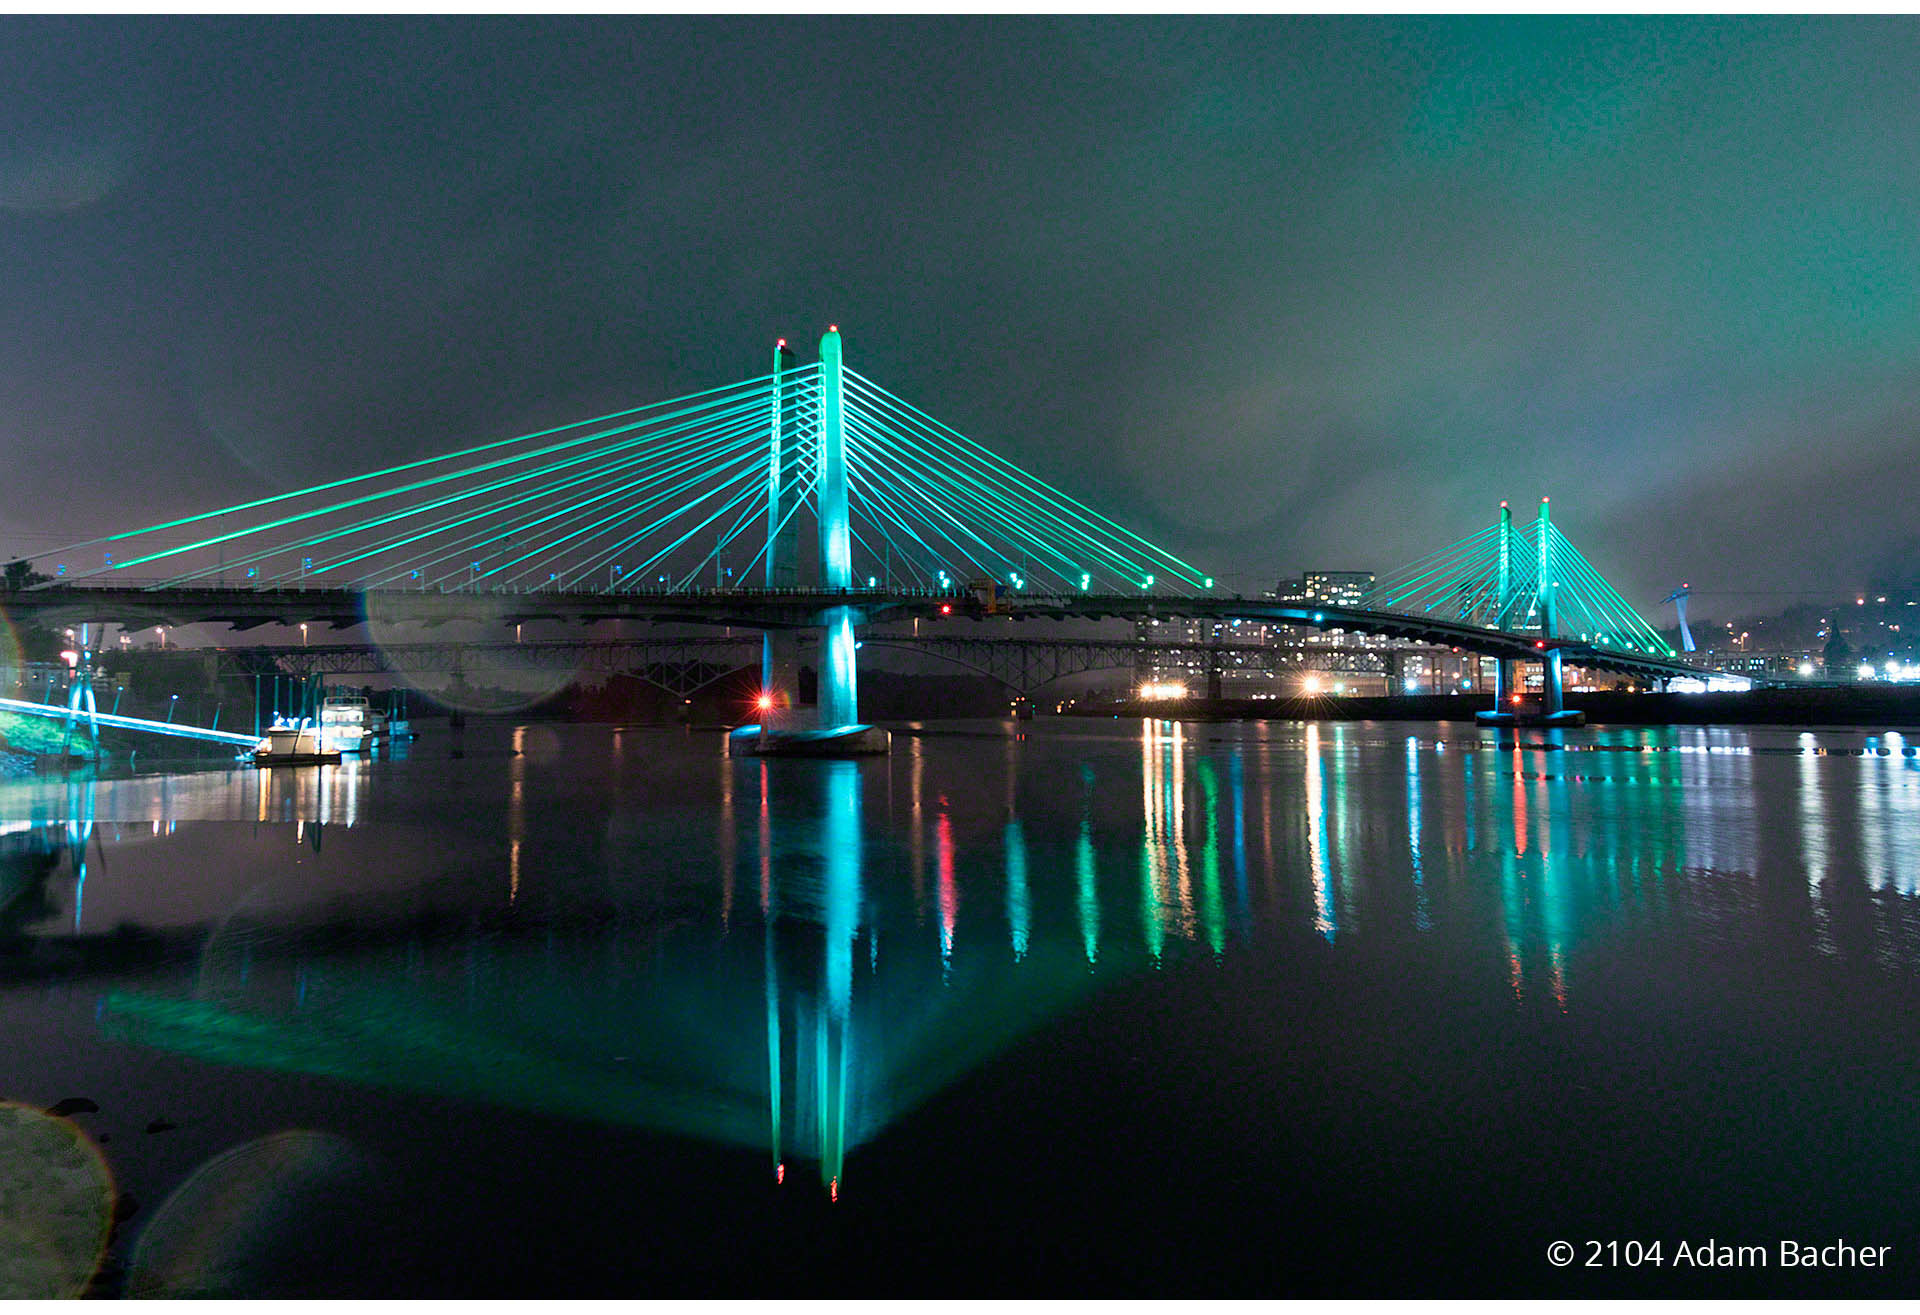 Tilikum Bridge by Portland Oregon architectural photographer